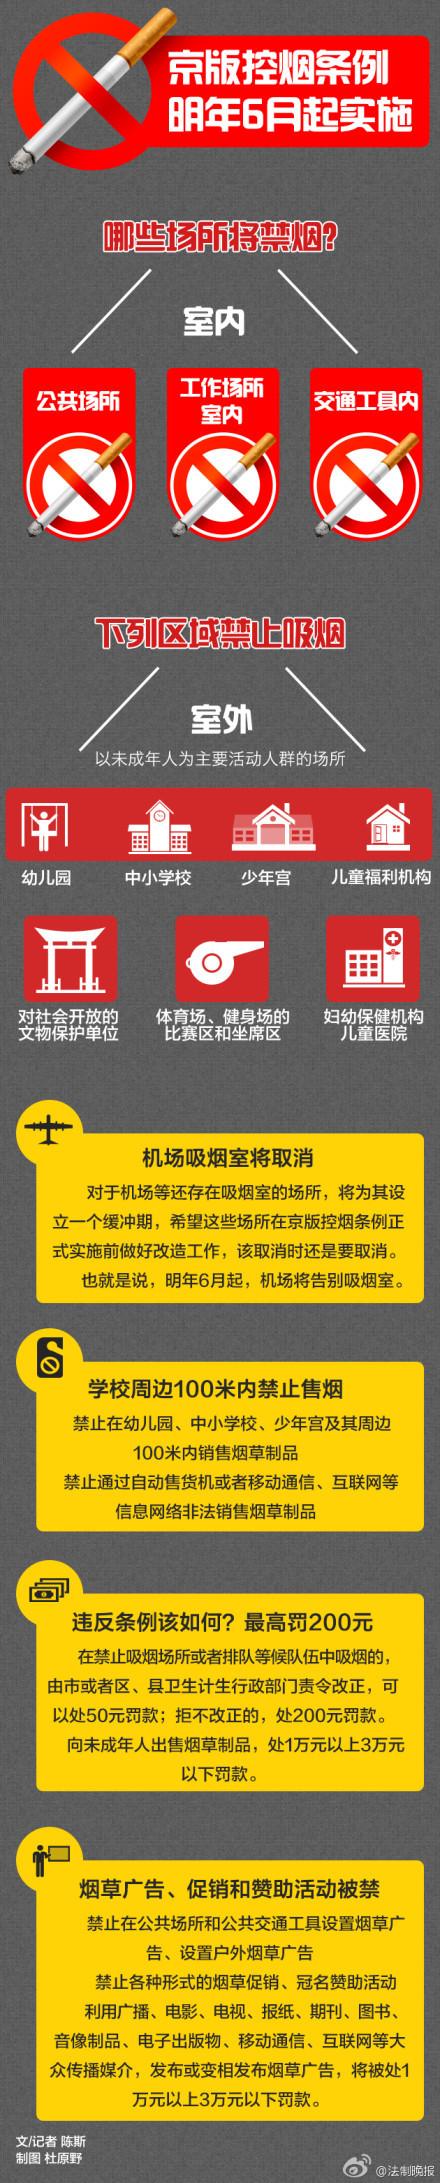 中国控烟可能面临阻力远期利益大于现实成本